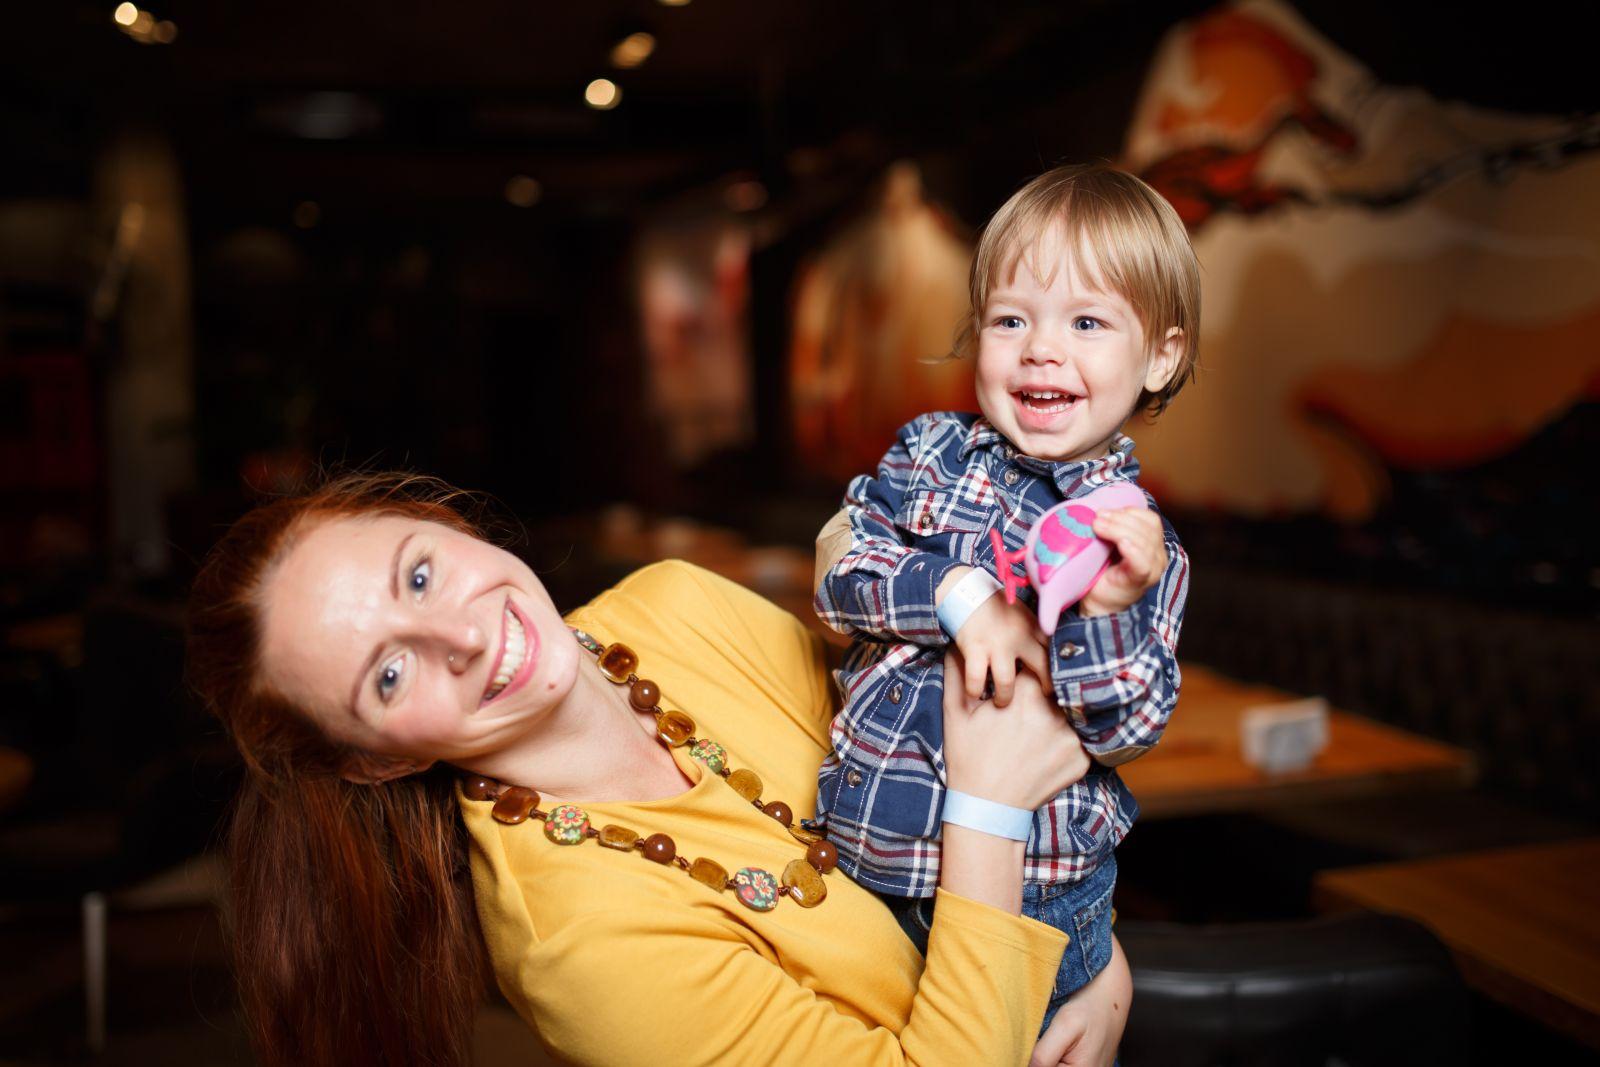 Анастасия Черненко из компании Danone Ukraine с сыном Иваном